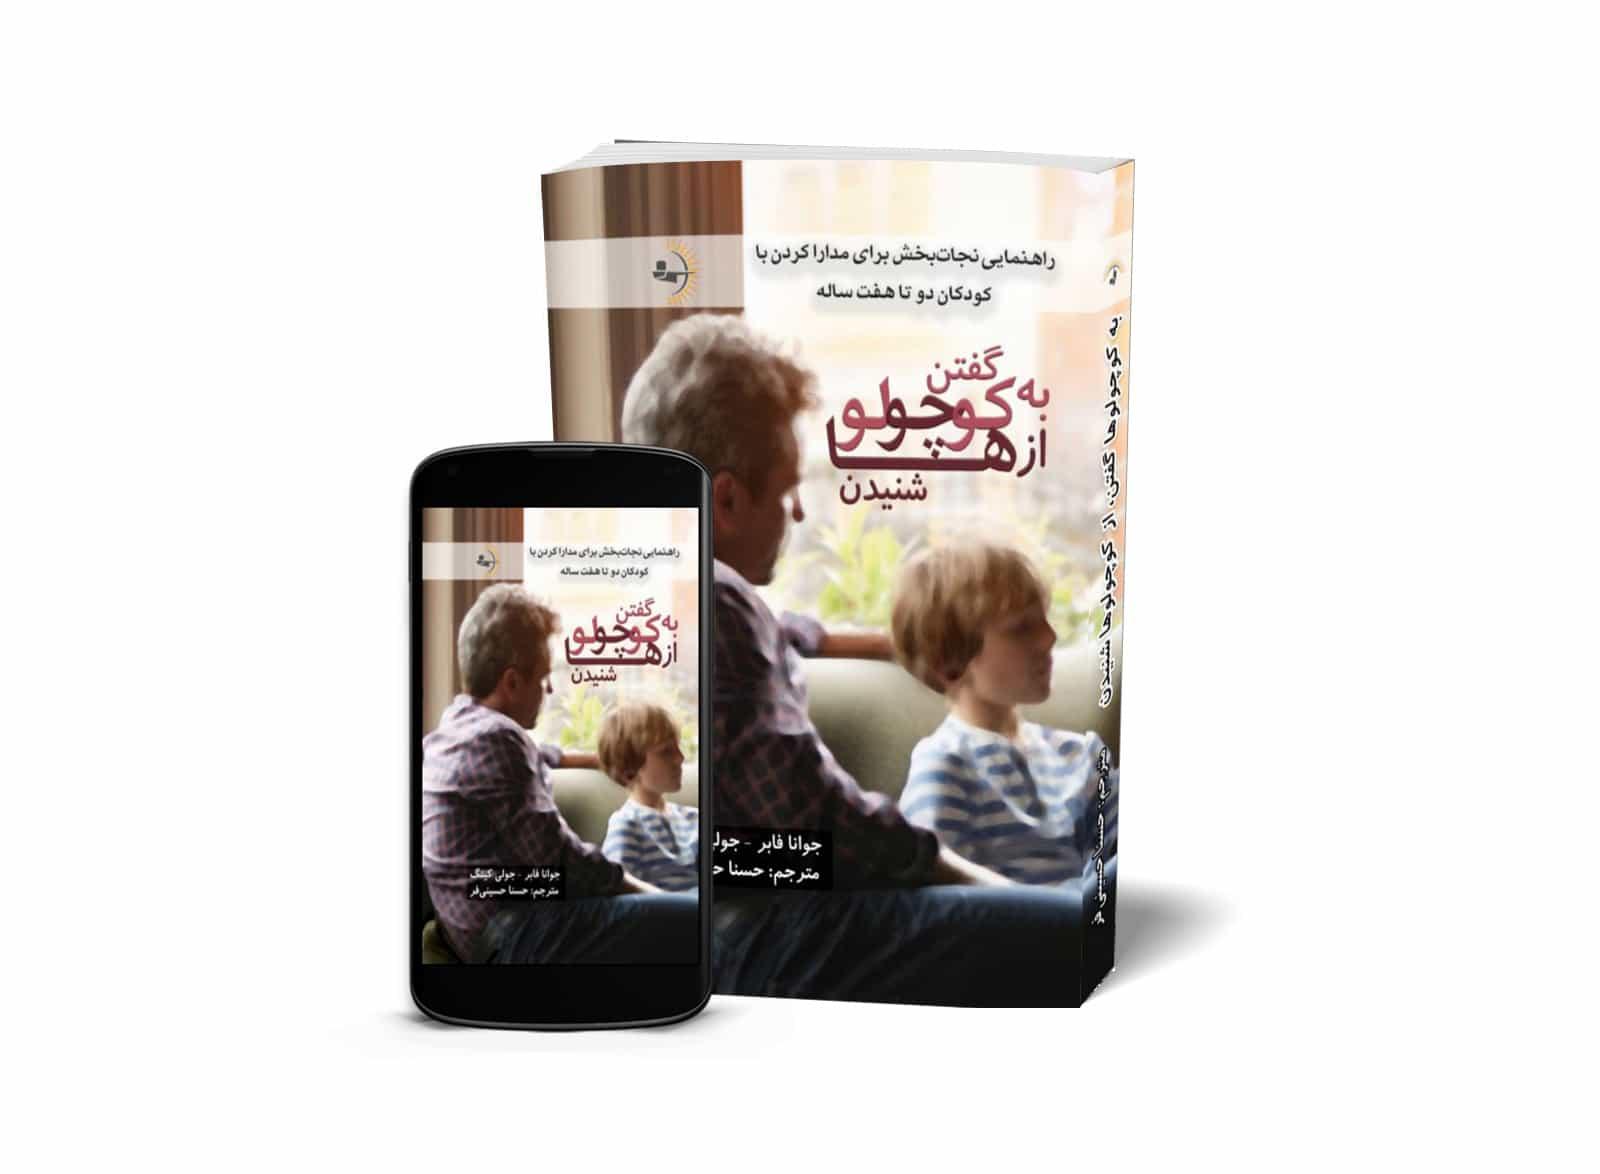 کتاب کوچولوها والدین خانواده فرزندپروری